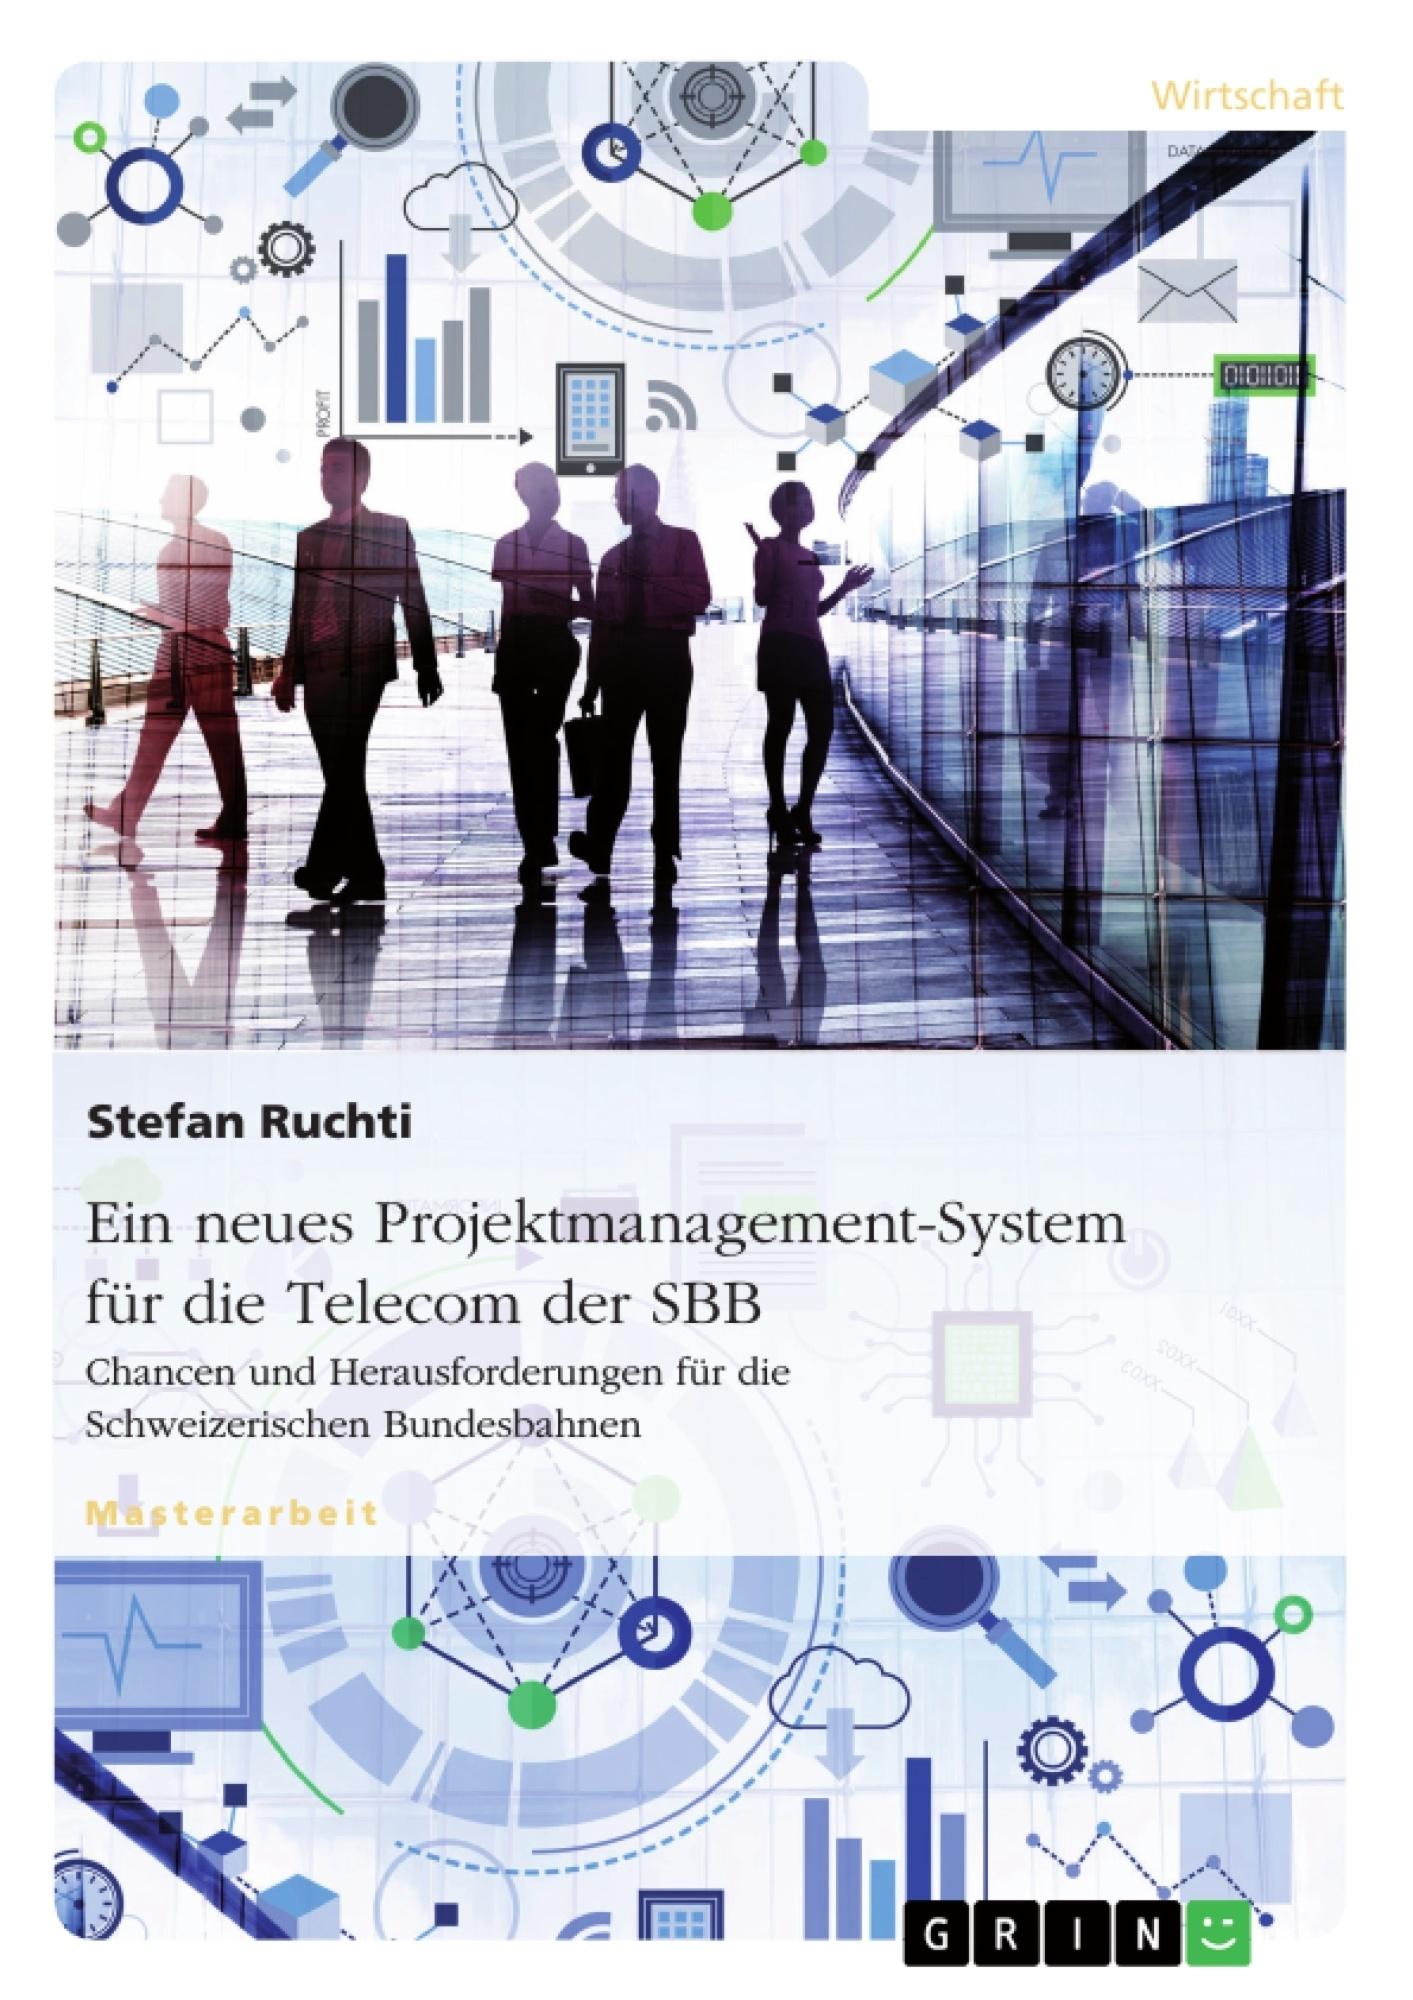 Titel: Ein neues Projektmanagement-System für die Telecom der SBB